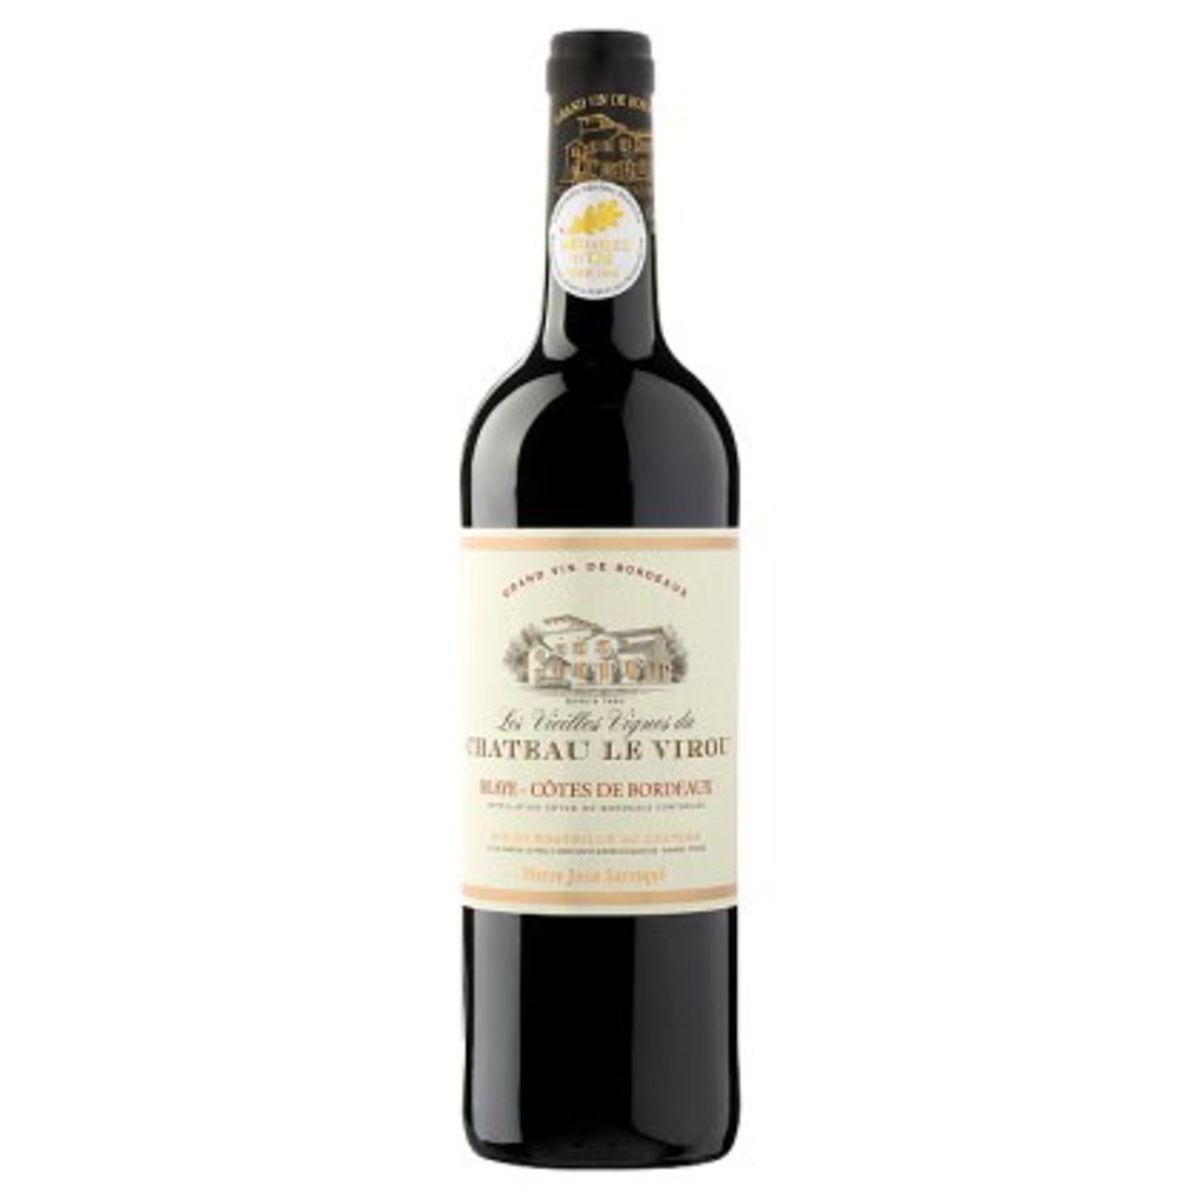 Les Vieilles Vignes du Château Le Virou Blaye Côtes de Bordeaux 750 ml